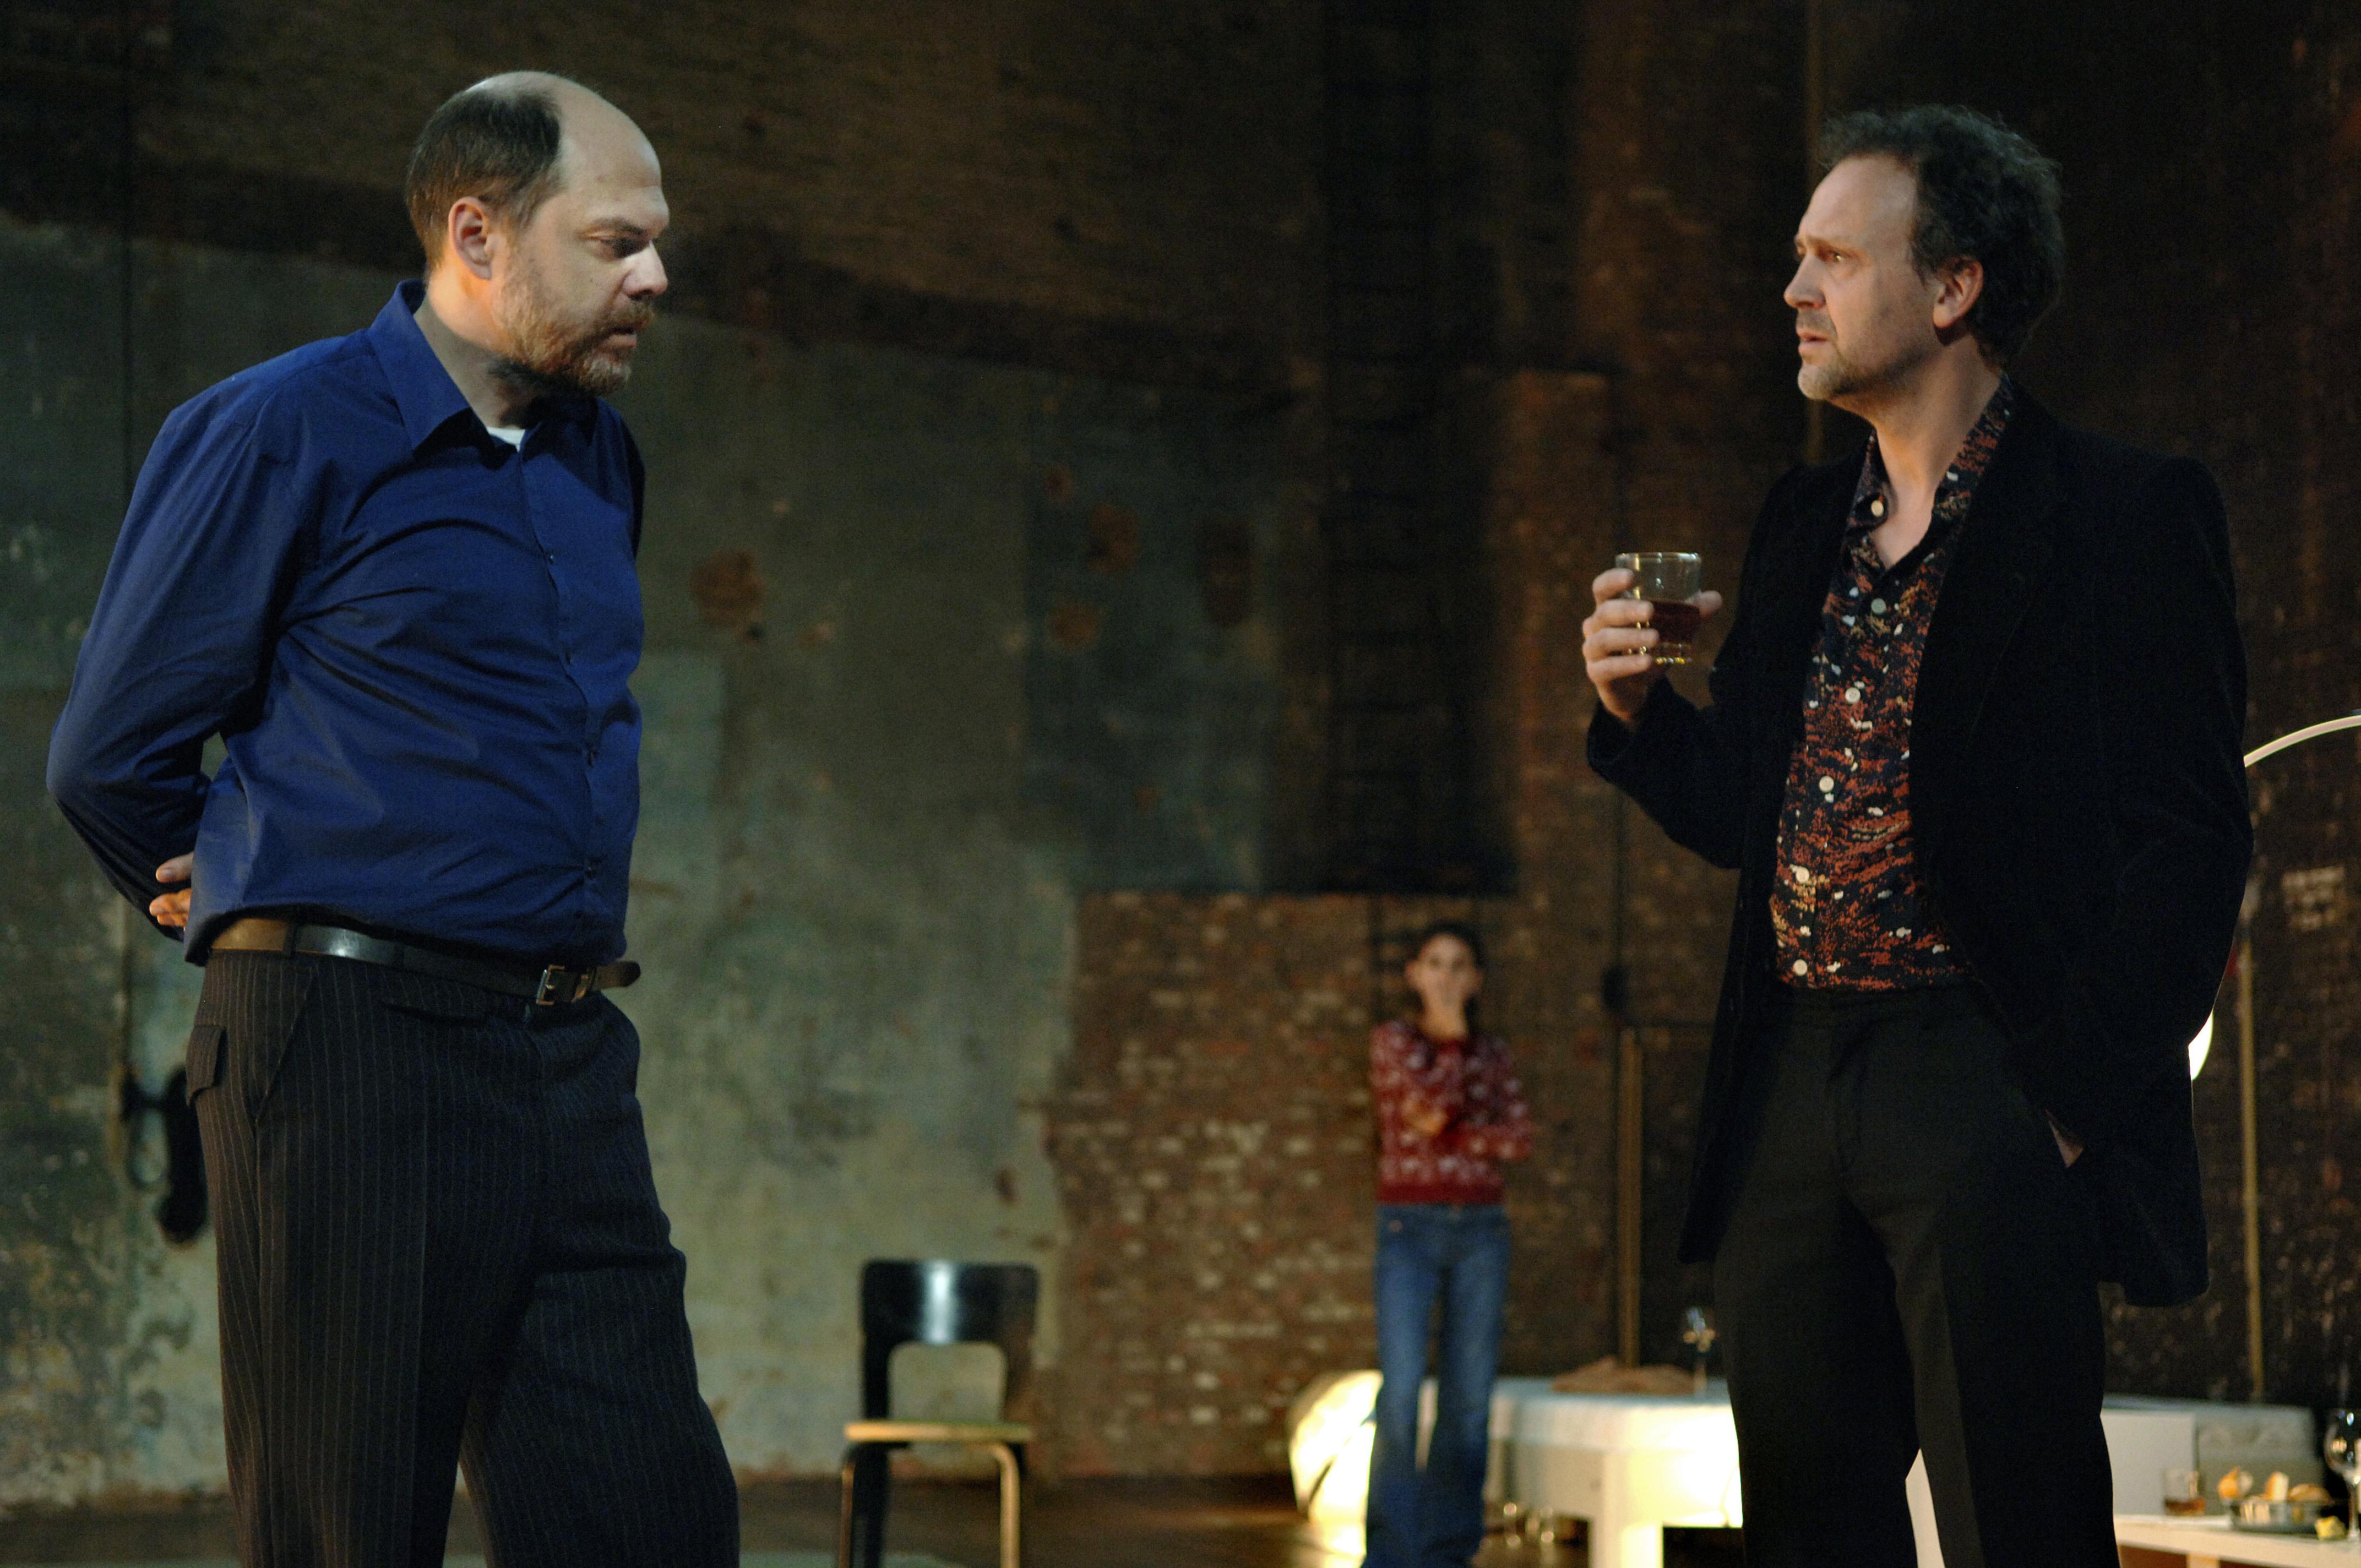 """Théâtre : L'amour, l'oubli, l'usure des sentiments des """"Trahisons"""" de Pinter"""